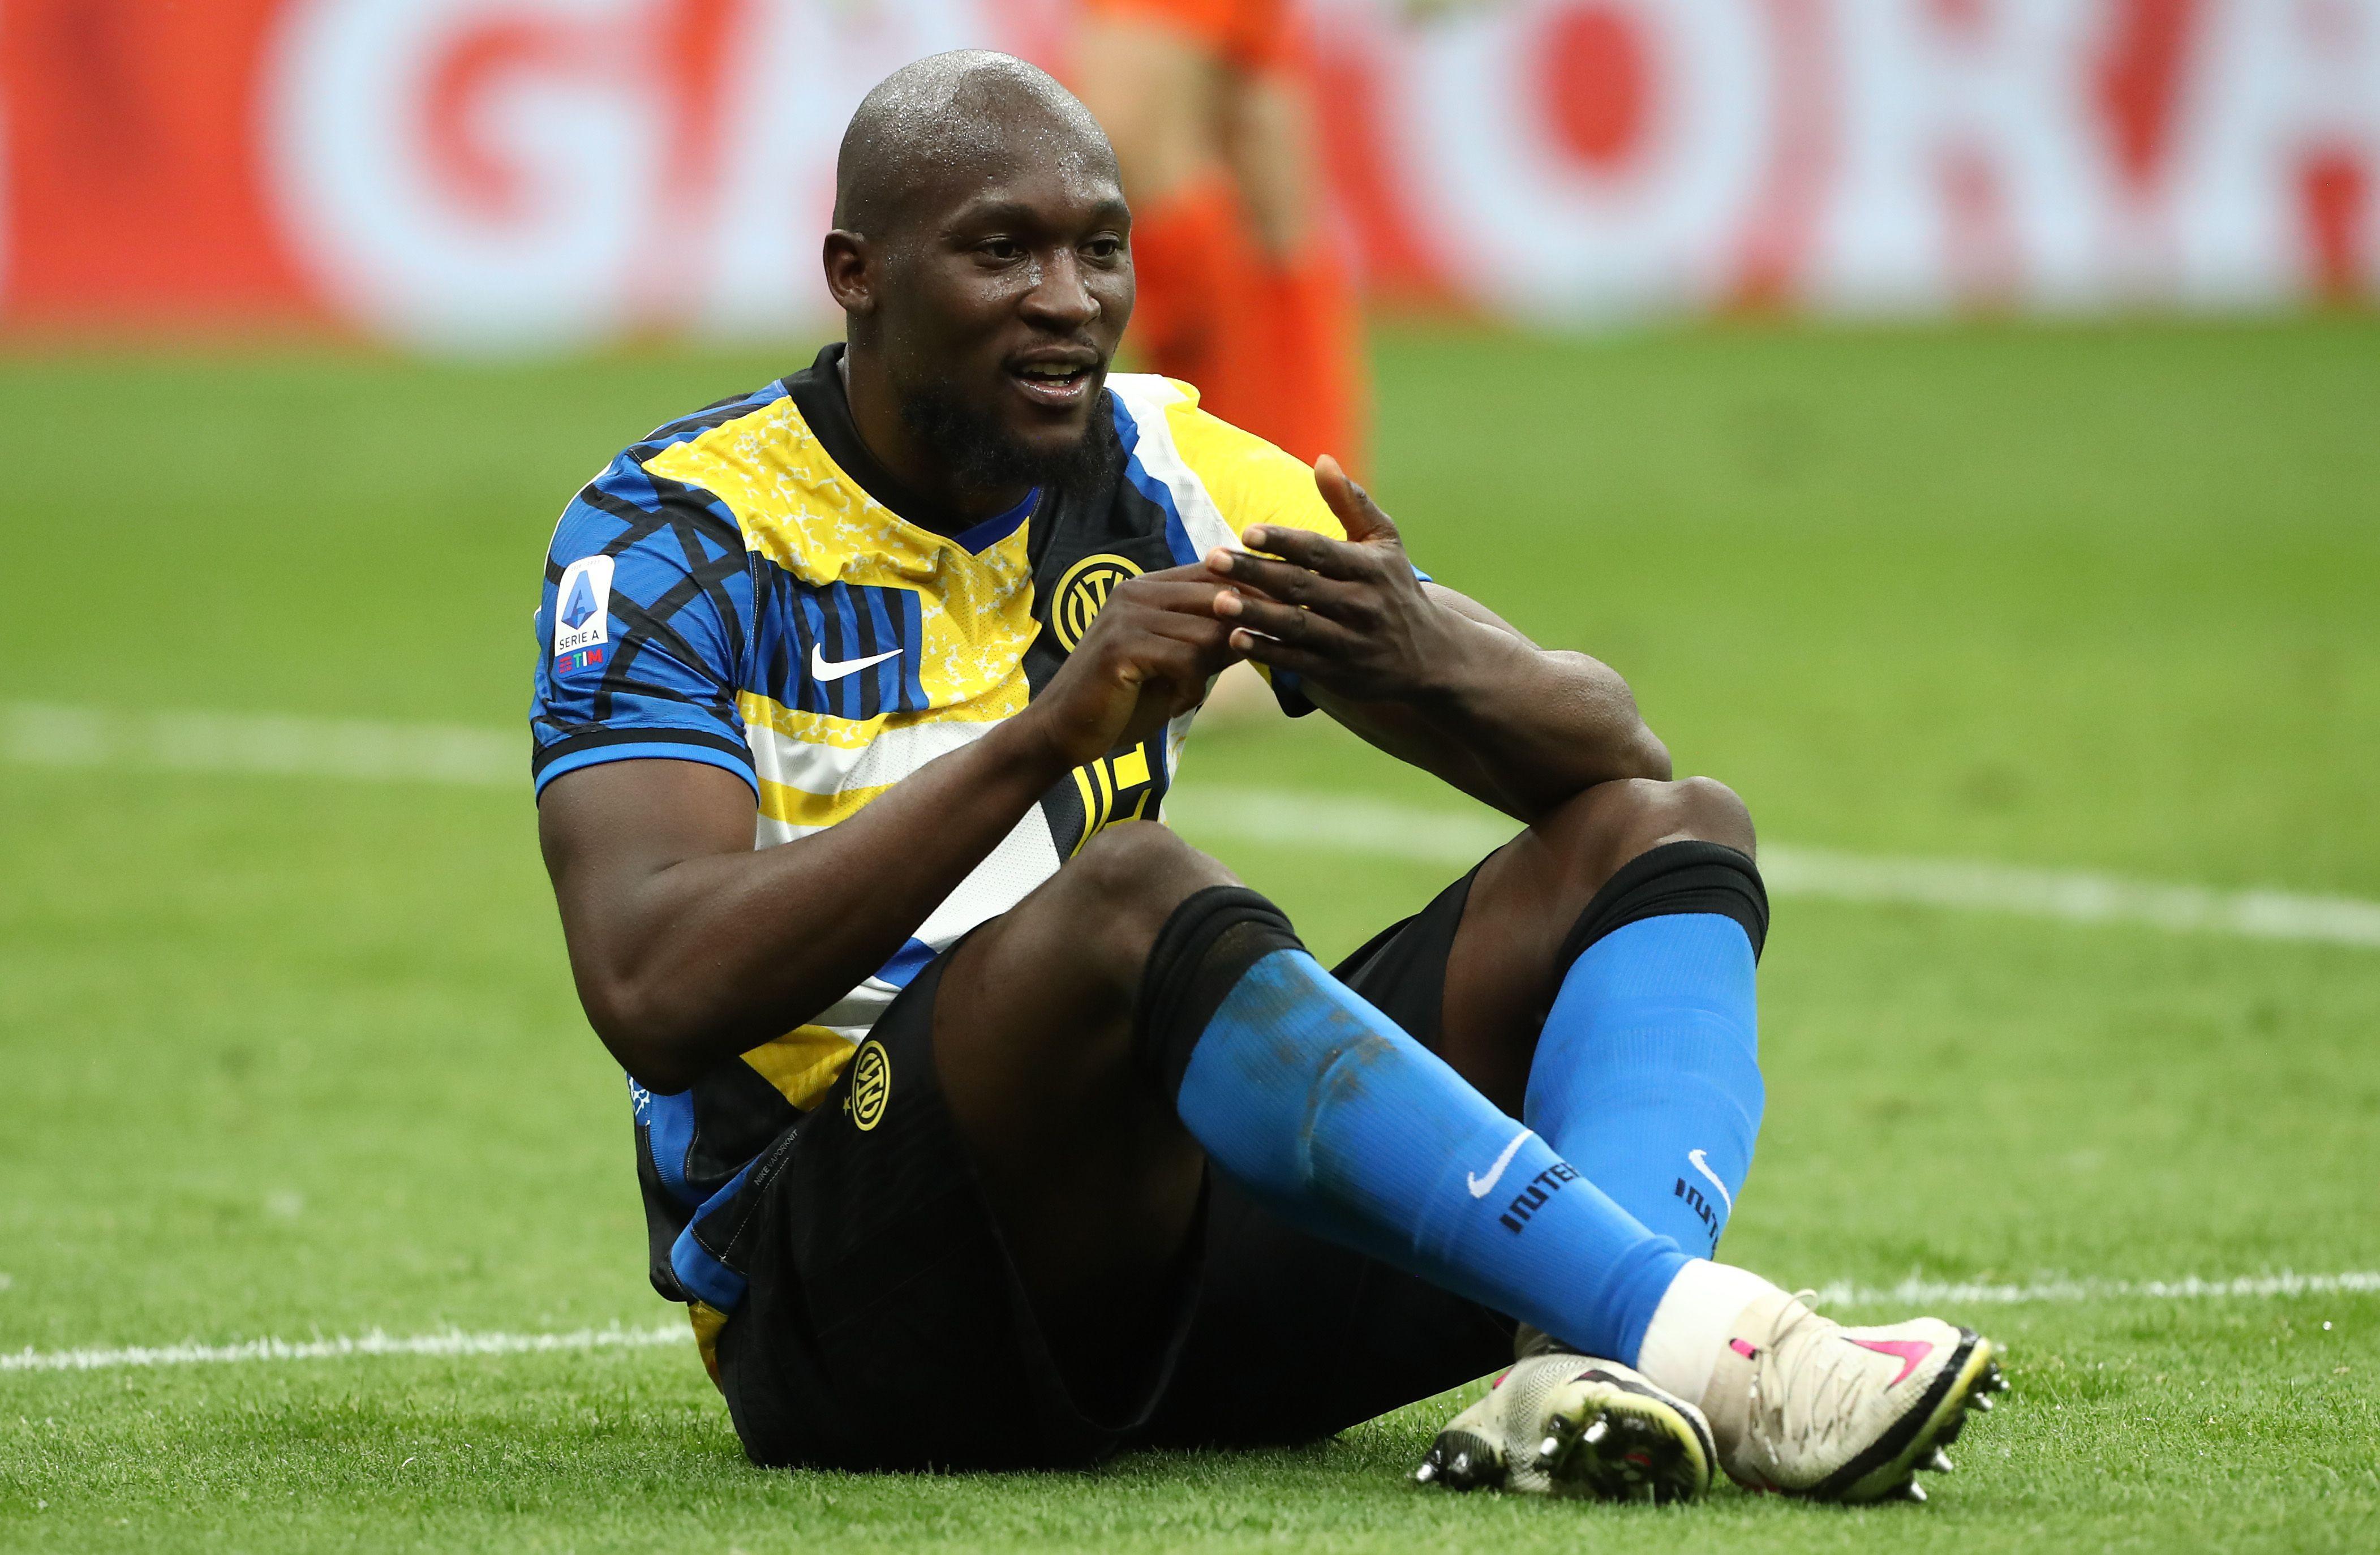 Romelu Lukaku (Inter - Belgio) - Ha portato l'Inter allo scudetto dopo 11 anni e anche all'Europeo ha continuato a segnare